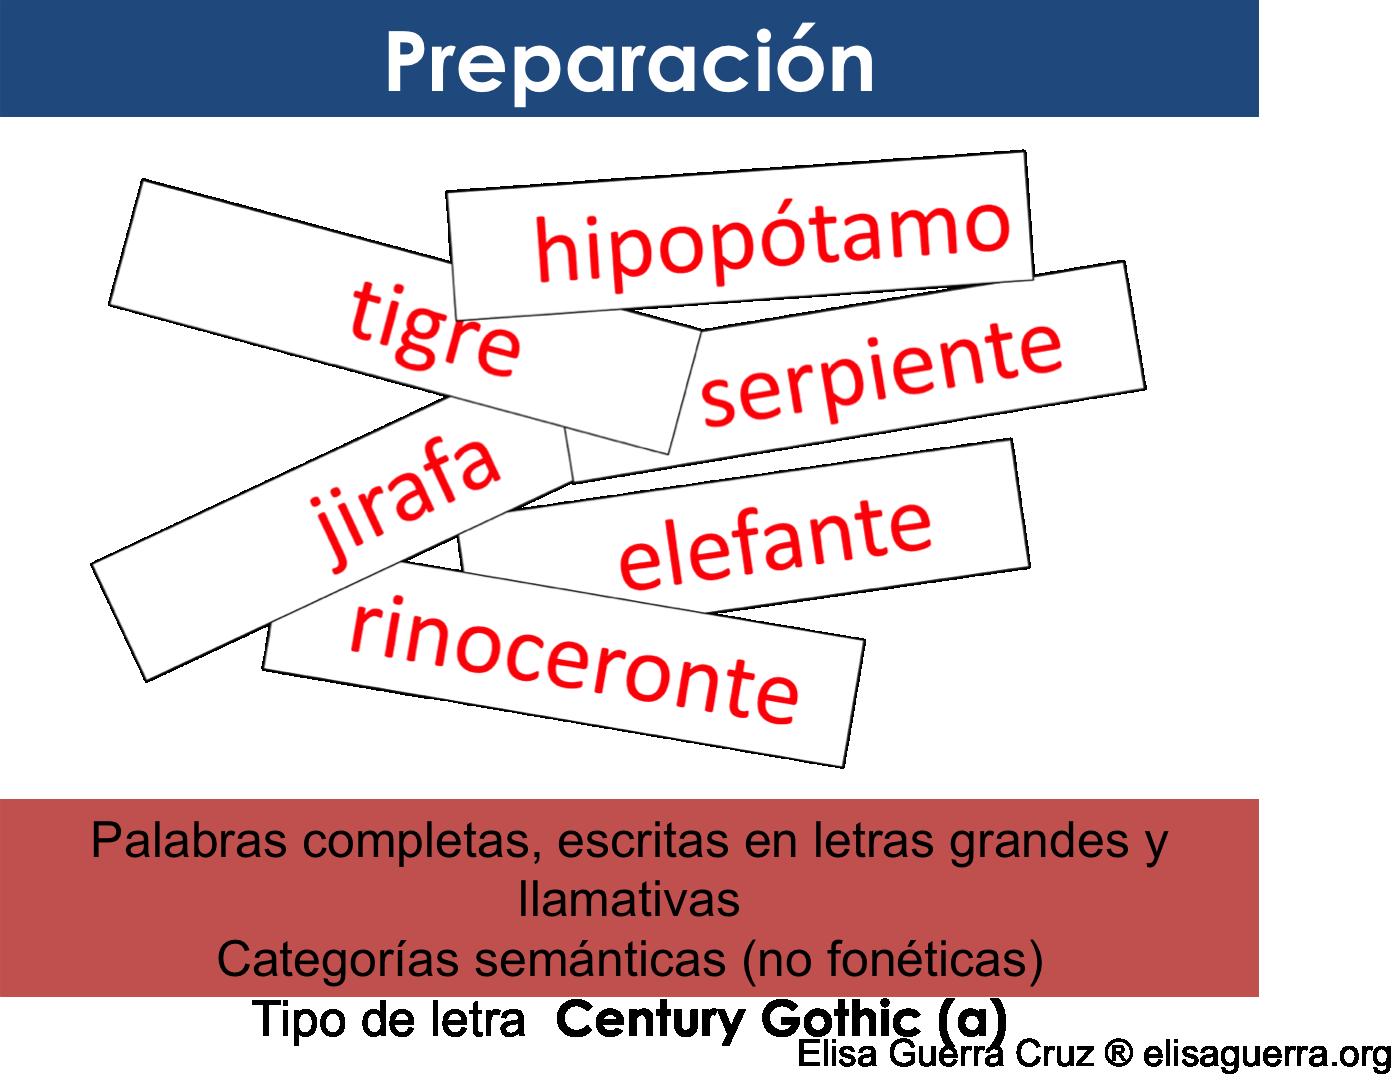 Aprender a leer a los 3: Método Doman en preescolar | Udemy